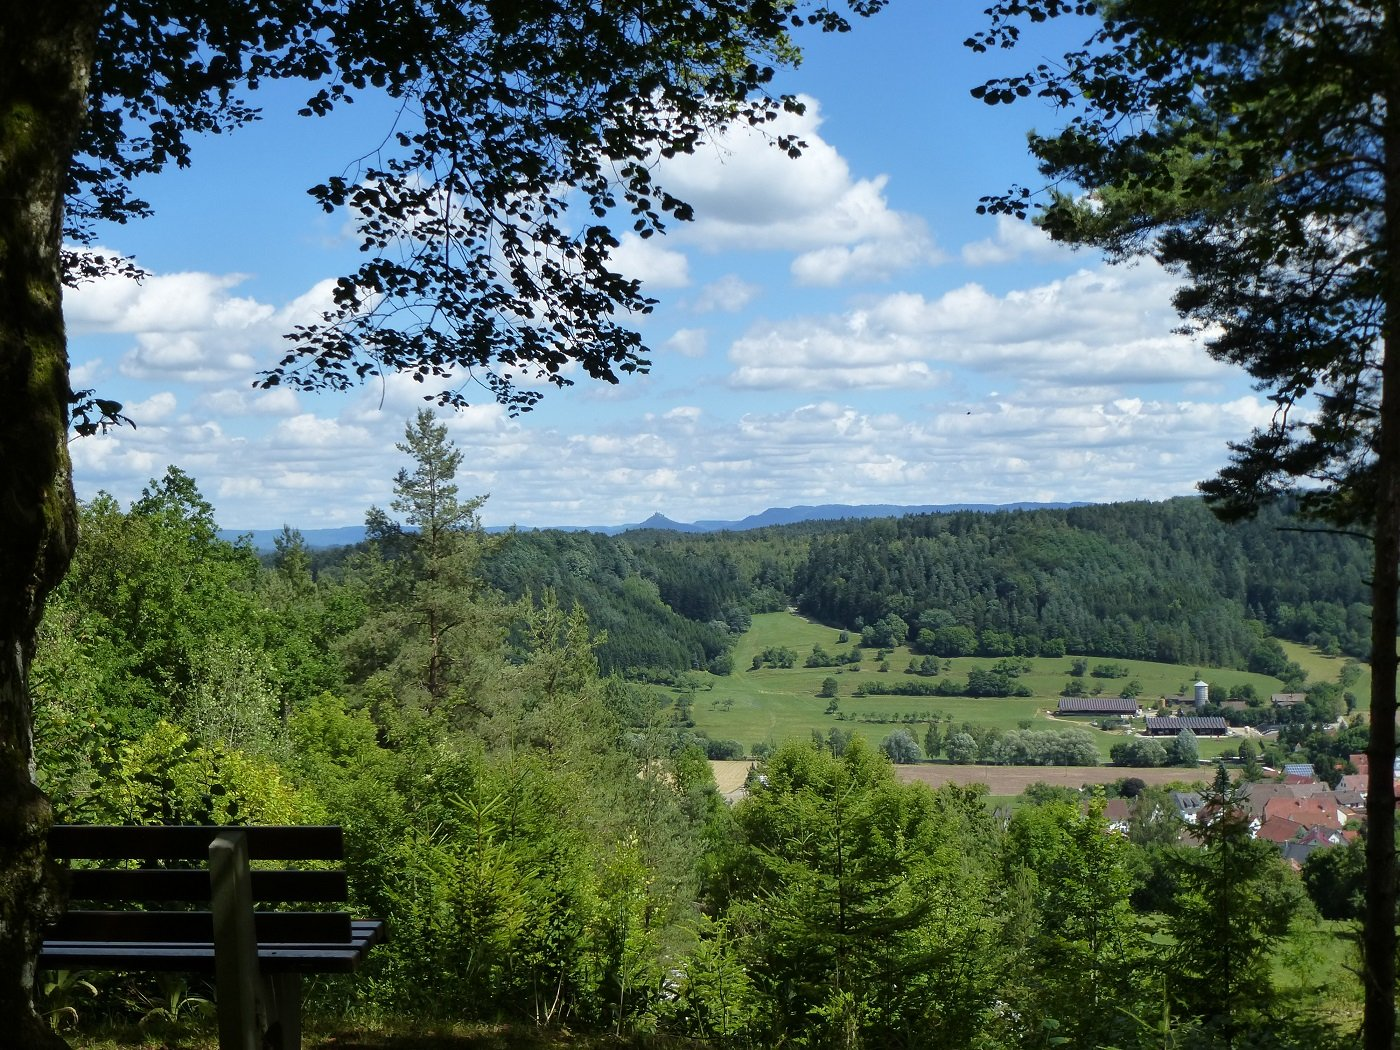 Blick vom Aussichtspunkt Zollernblick aus über Wiesen und Wälder auf die Burg Hohenzollern